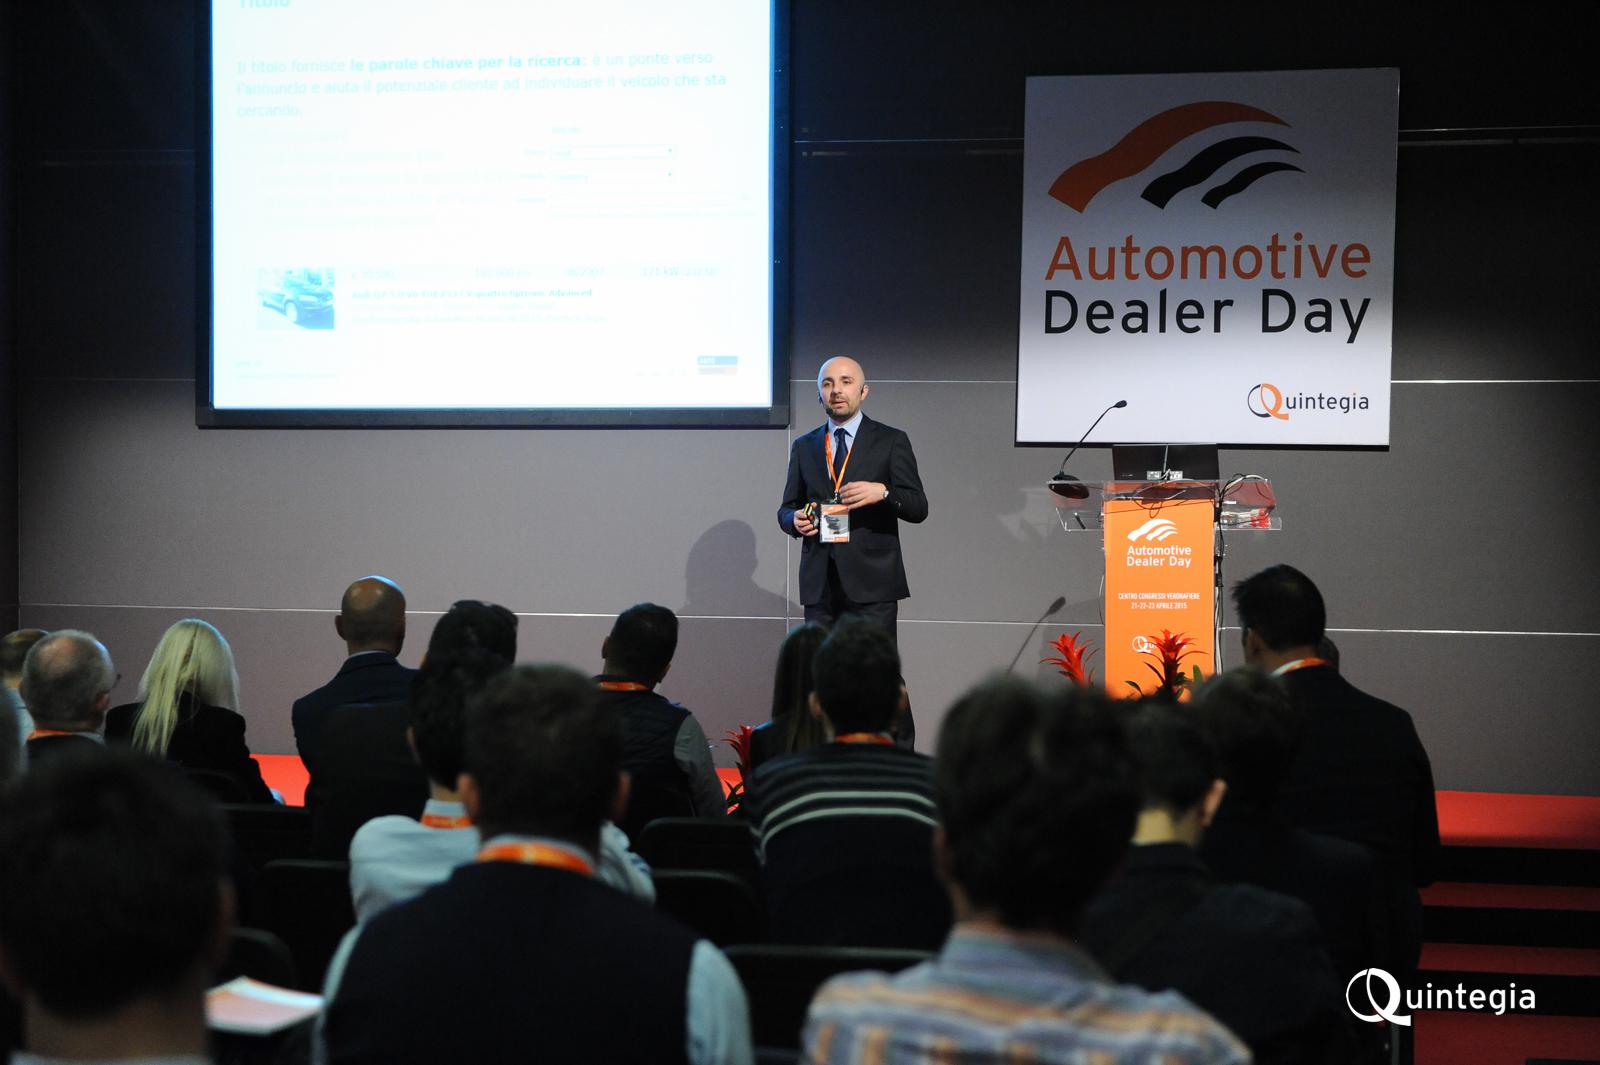 Come cambieranno i concessionari nel prossimo futuro. Ad Automotive Dealer Day, dal 17 al 19 maggio